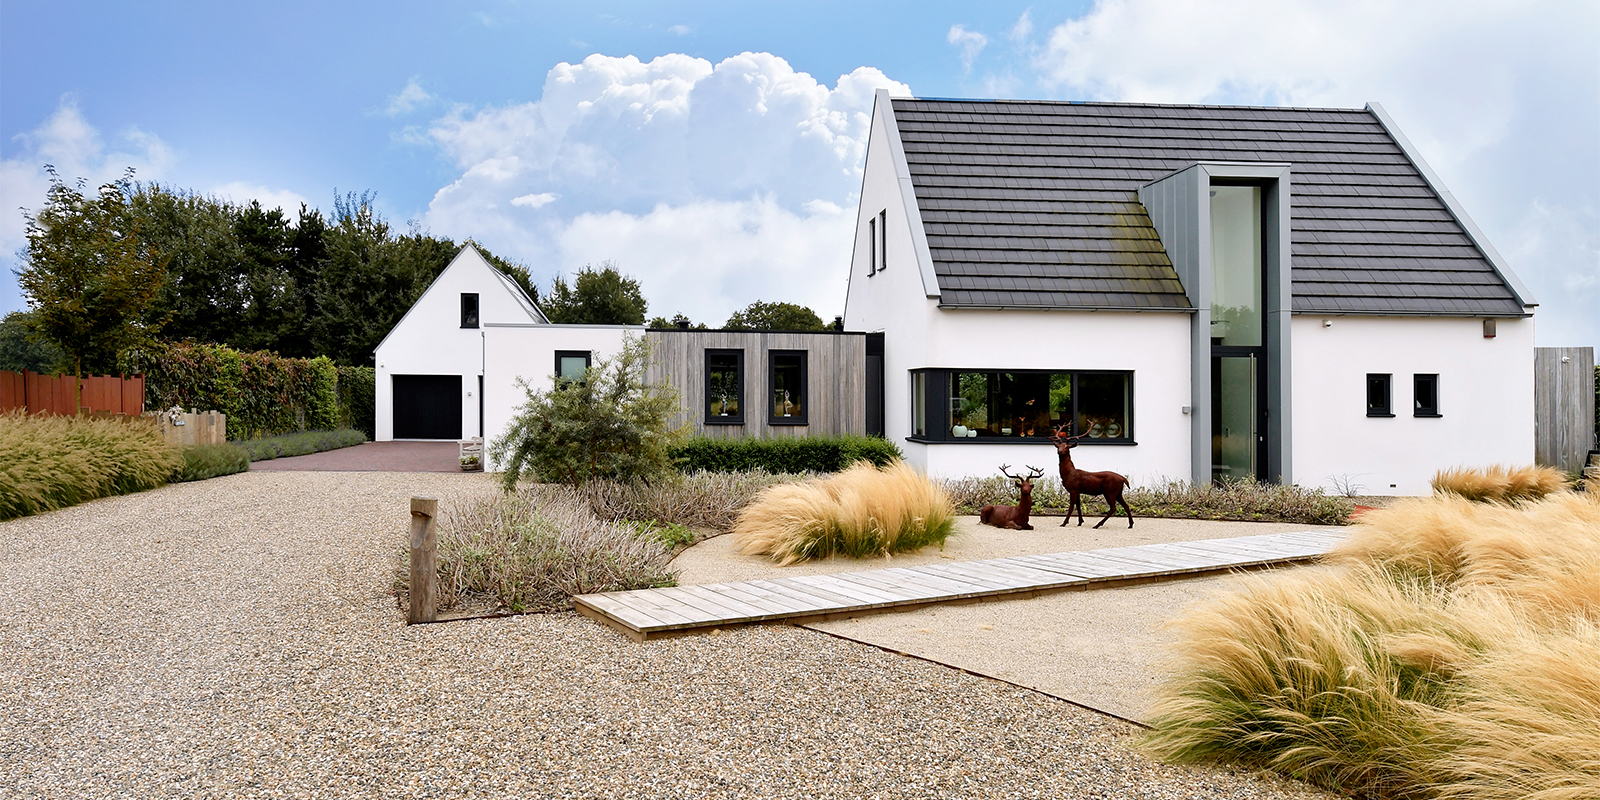 Landelijke tuin, Z-wonen, Tuin inspiratie, Vijver, Villa, OVerkapping, Tuinieren